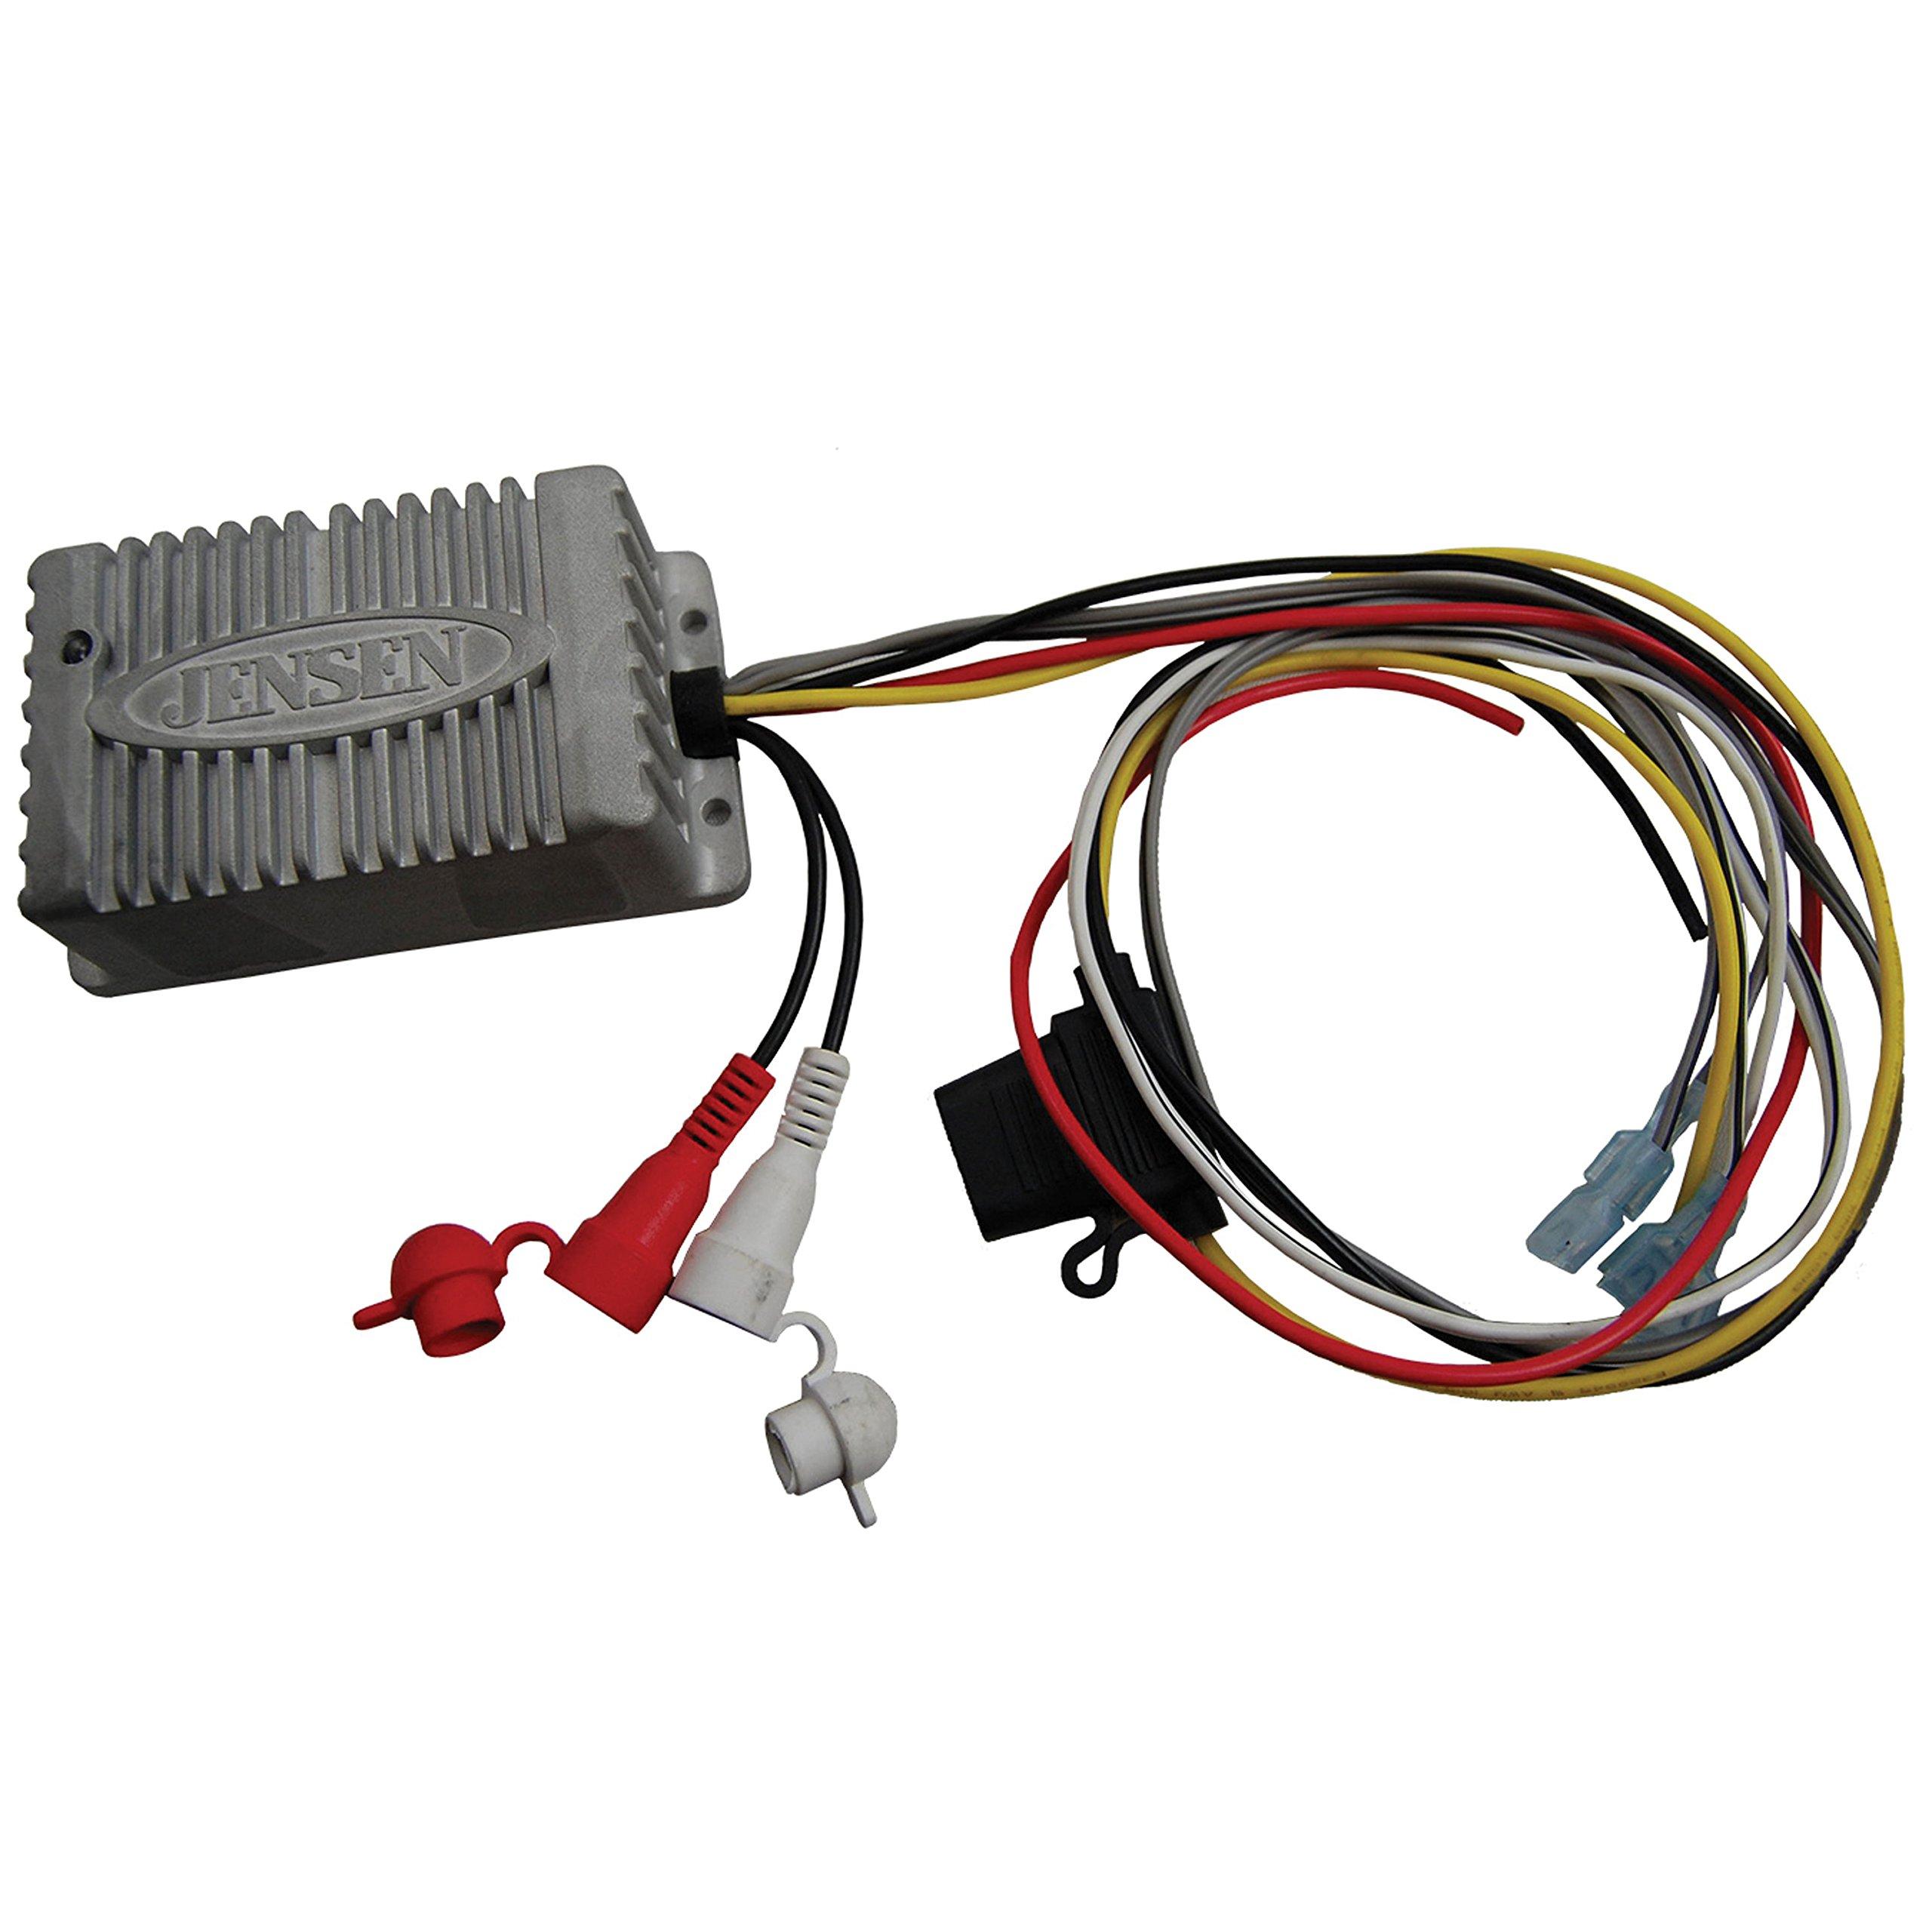 JENSEN JAHD240BT Two-Channel Bluetooth Amplifier by Jensen